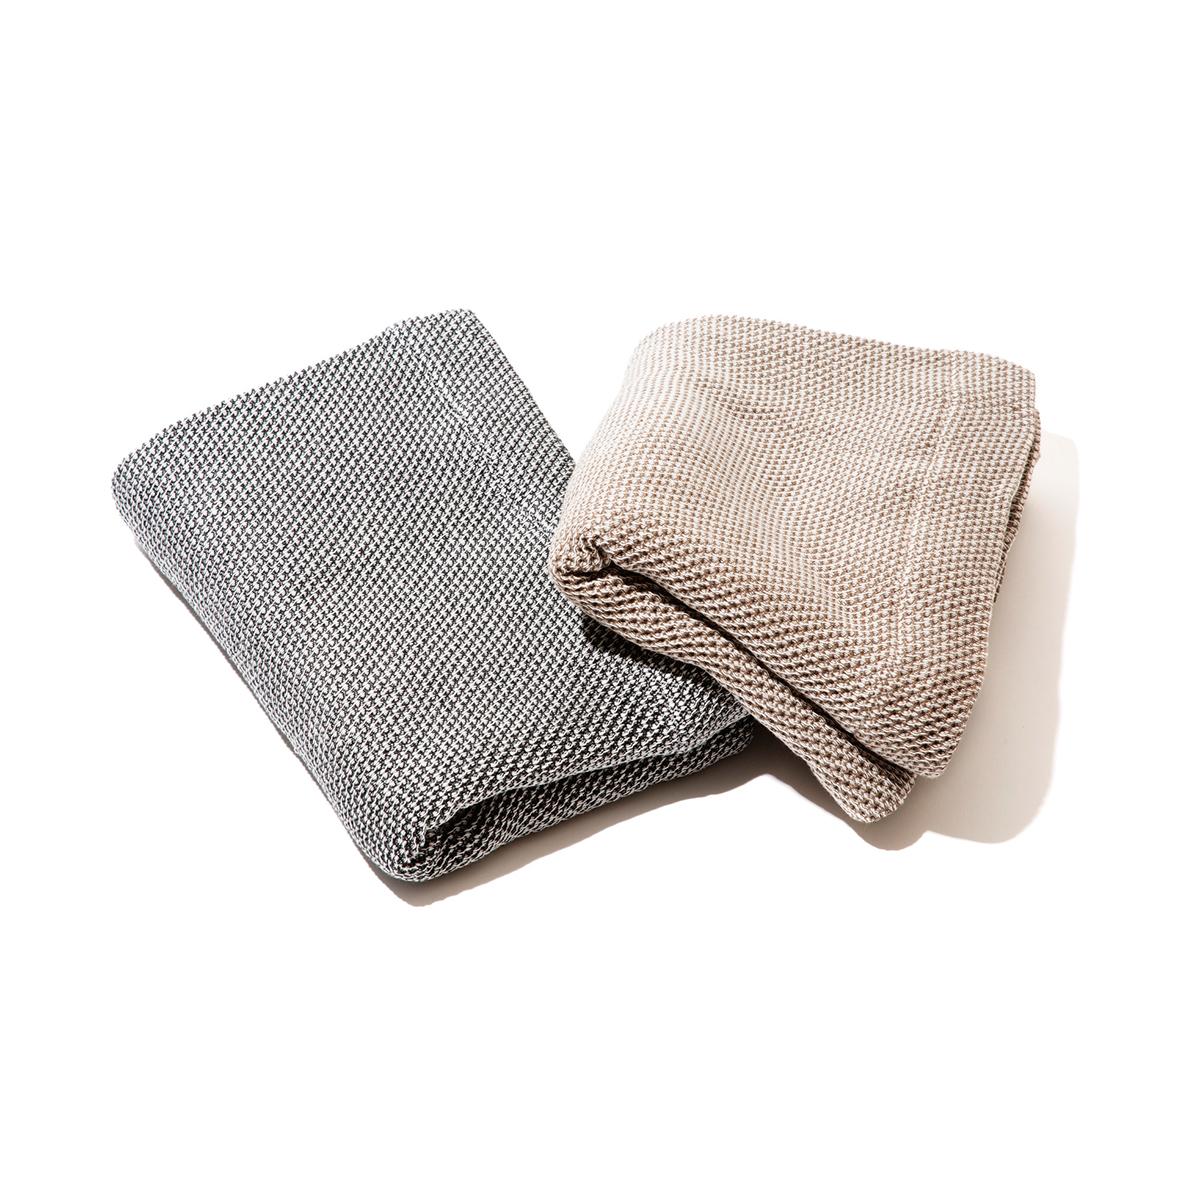 「熟睡」を追求したタオルケット|《ハーフケット》凹凸状のハニカム織りが、汗と湿気を逃がすケット|ハニカムケット